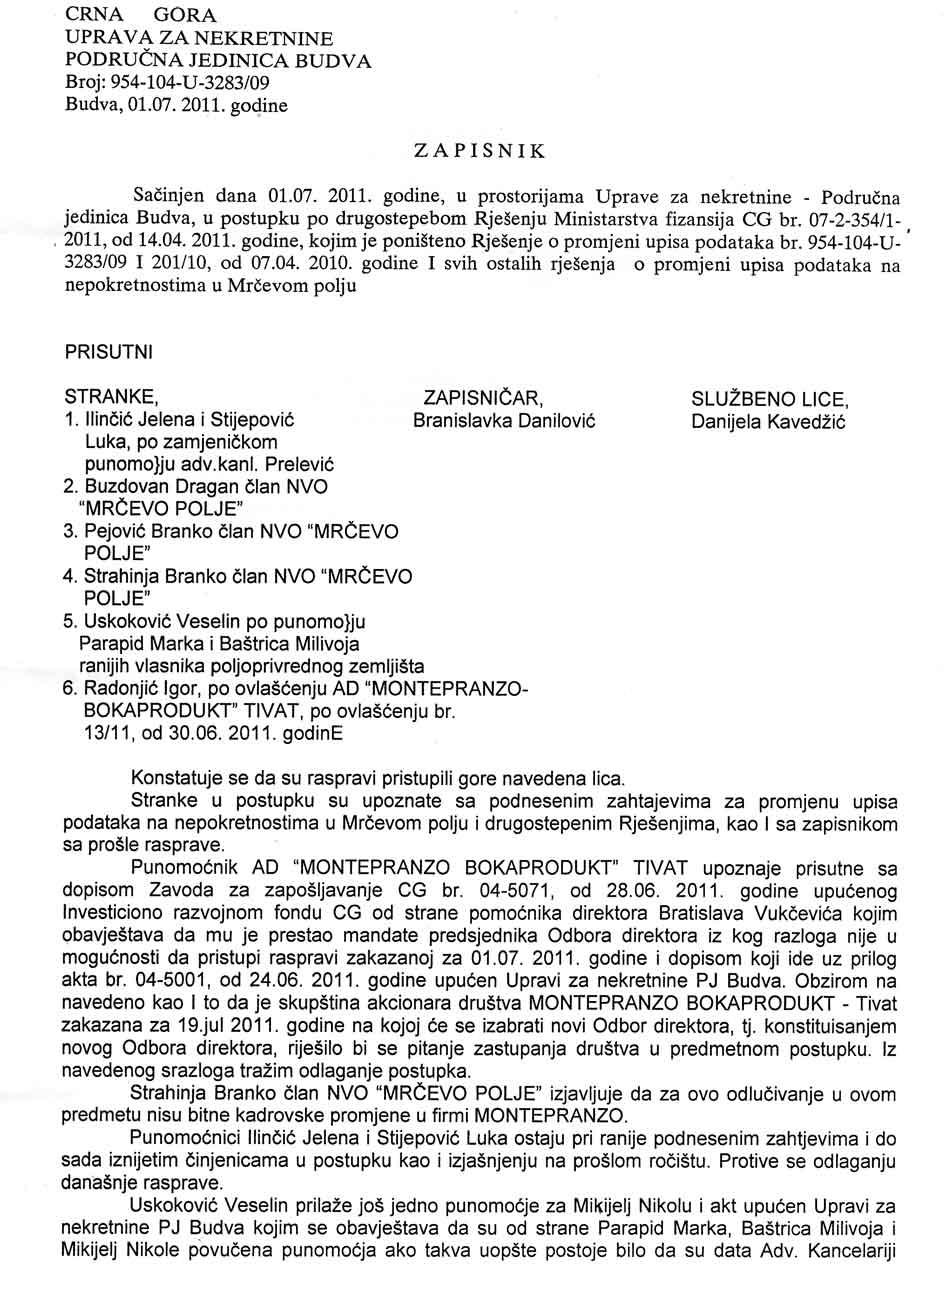 nvojaz.com - ZAPISNIK 01.07.2011.